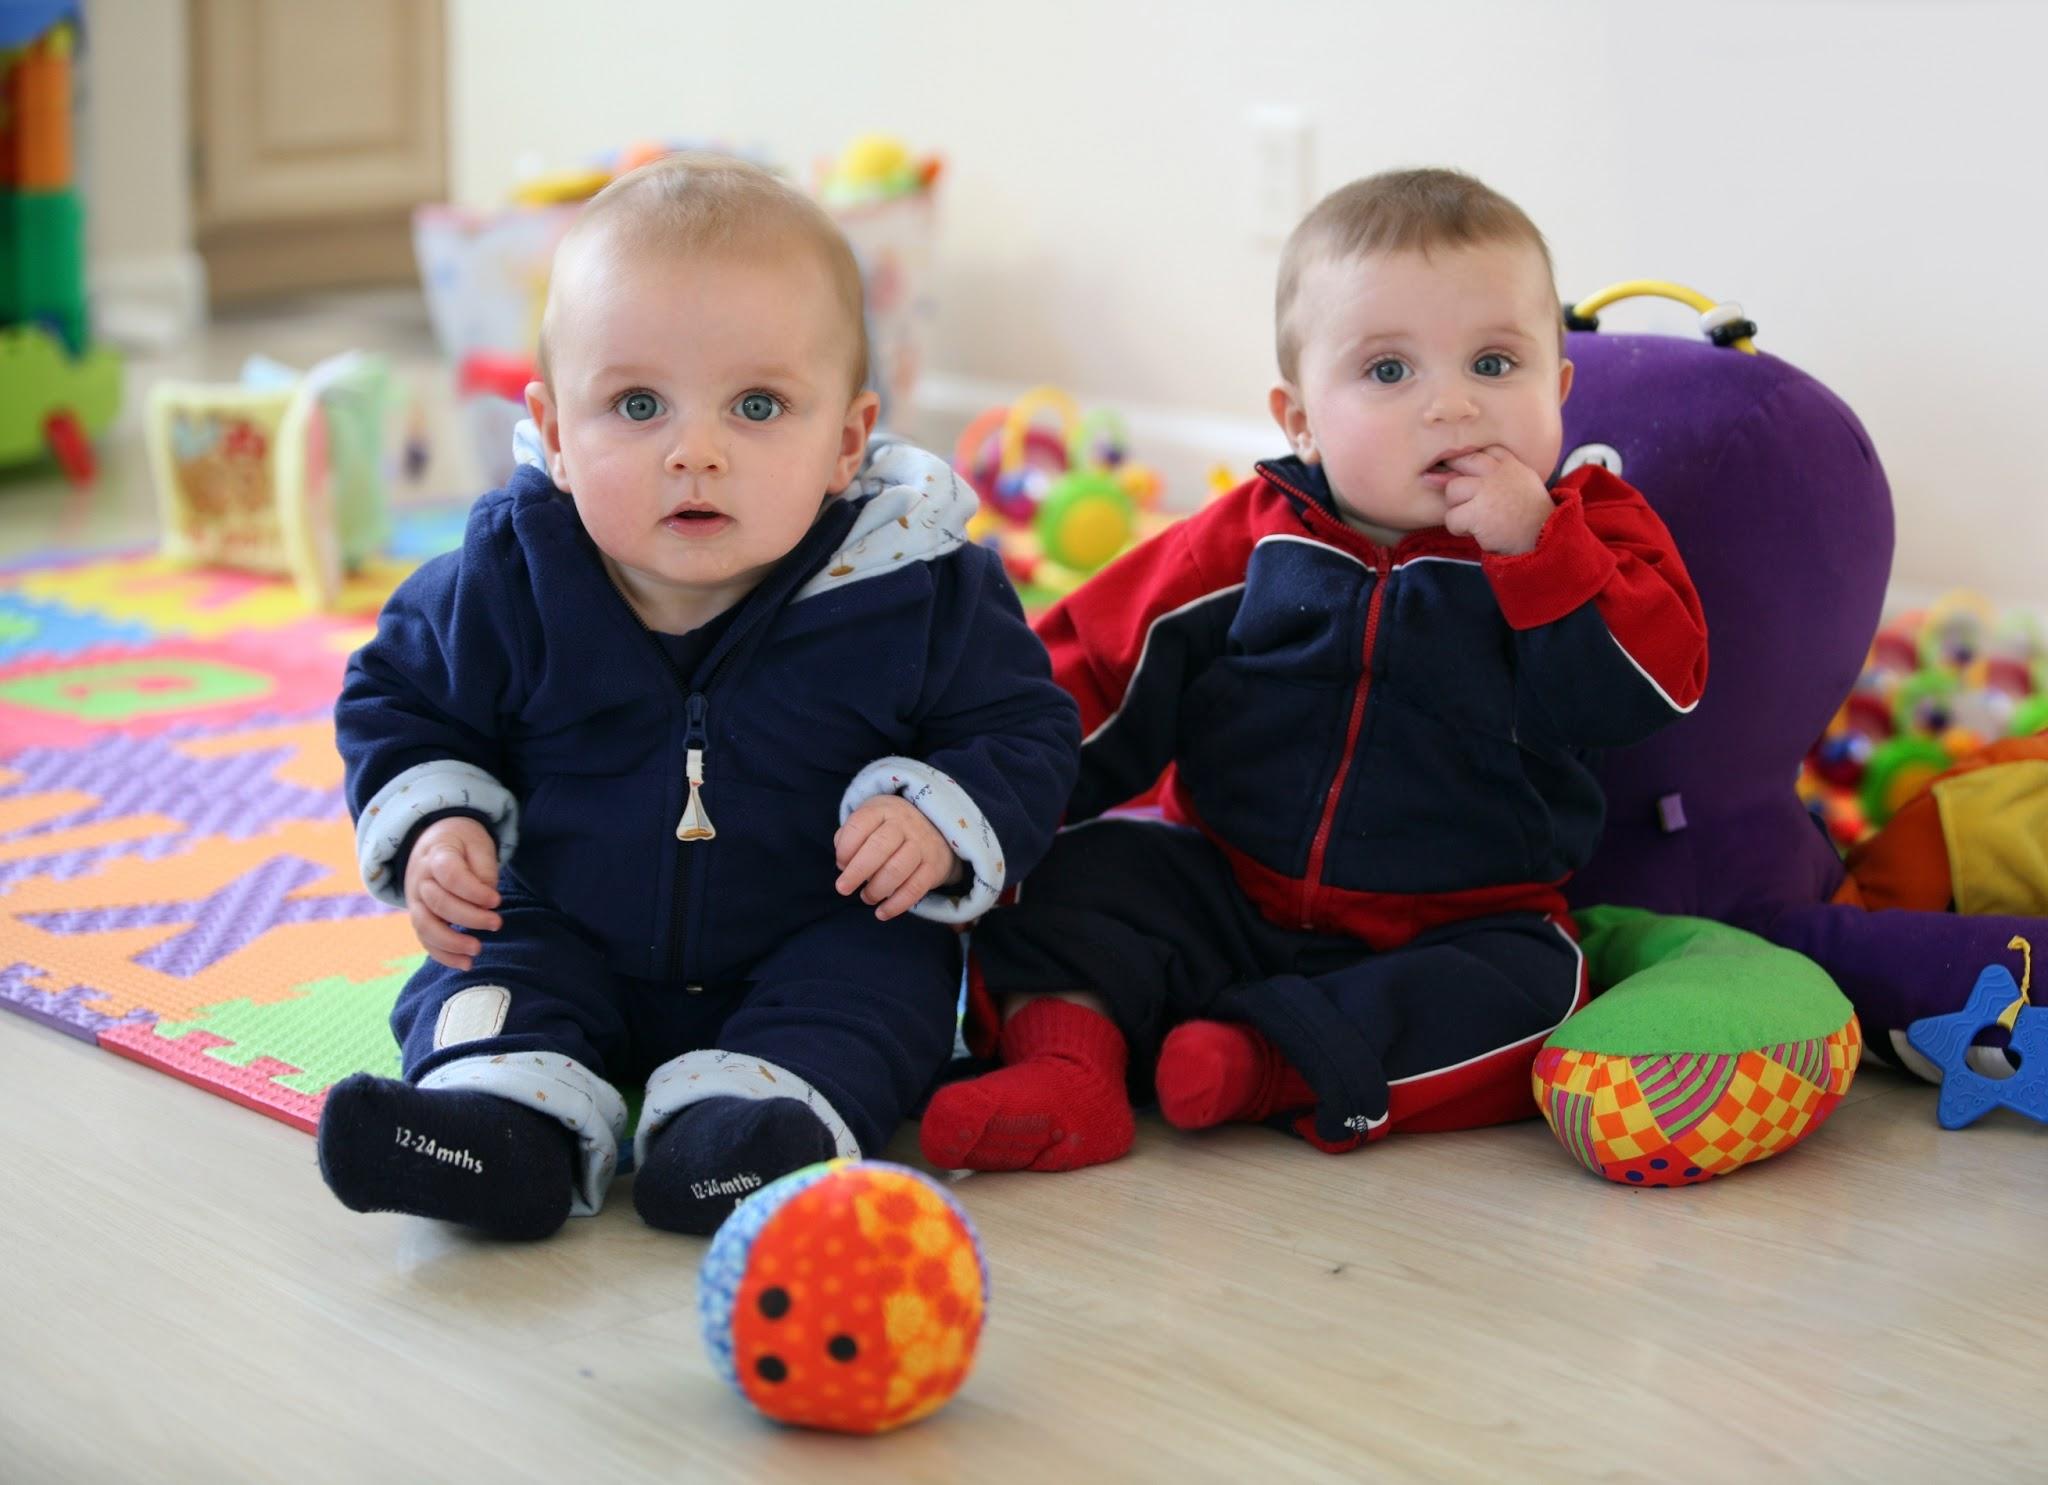 Criança em casa: como adequar o ambiente para os pequenos